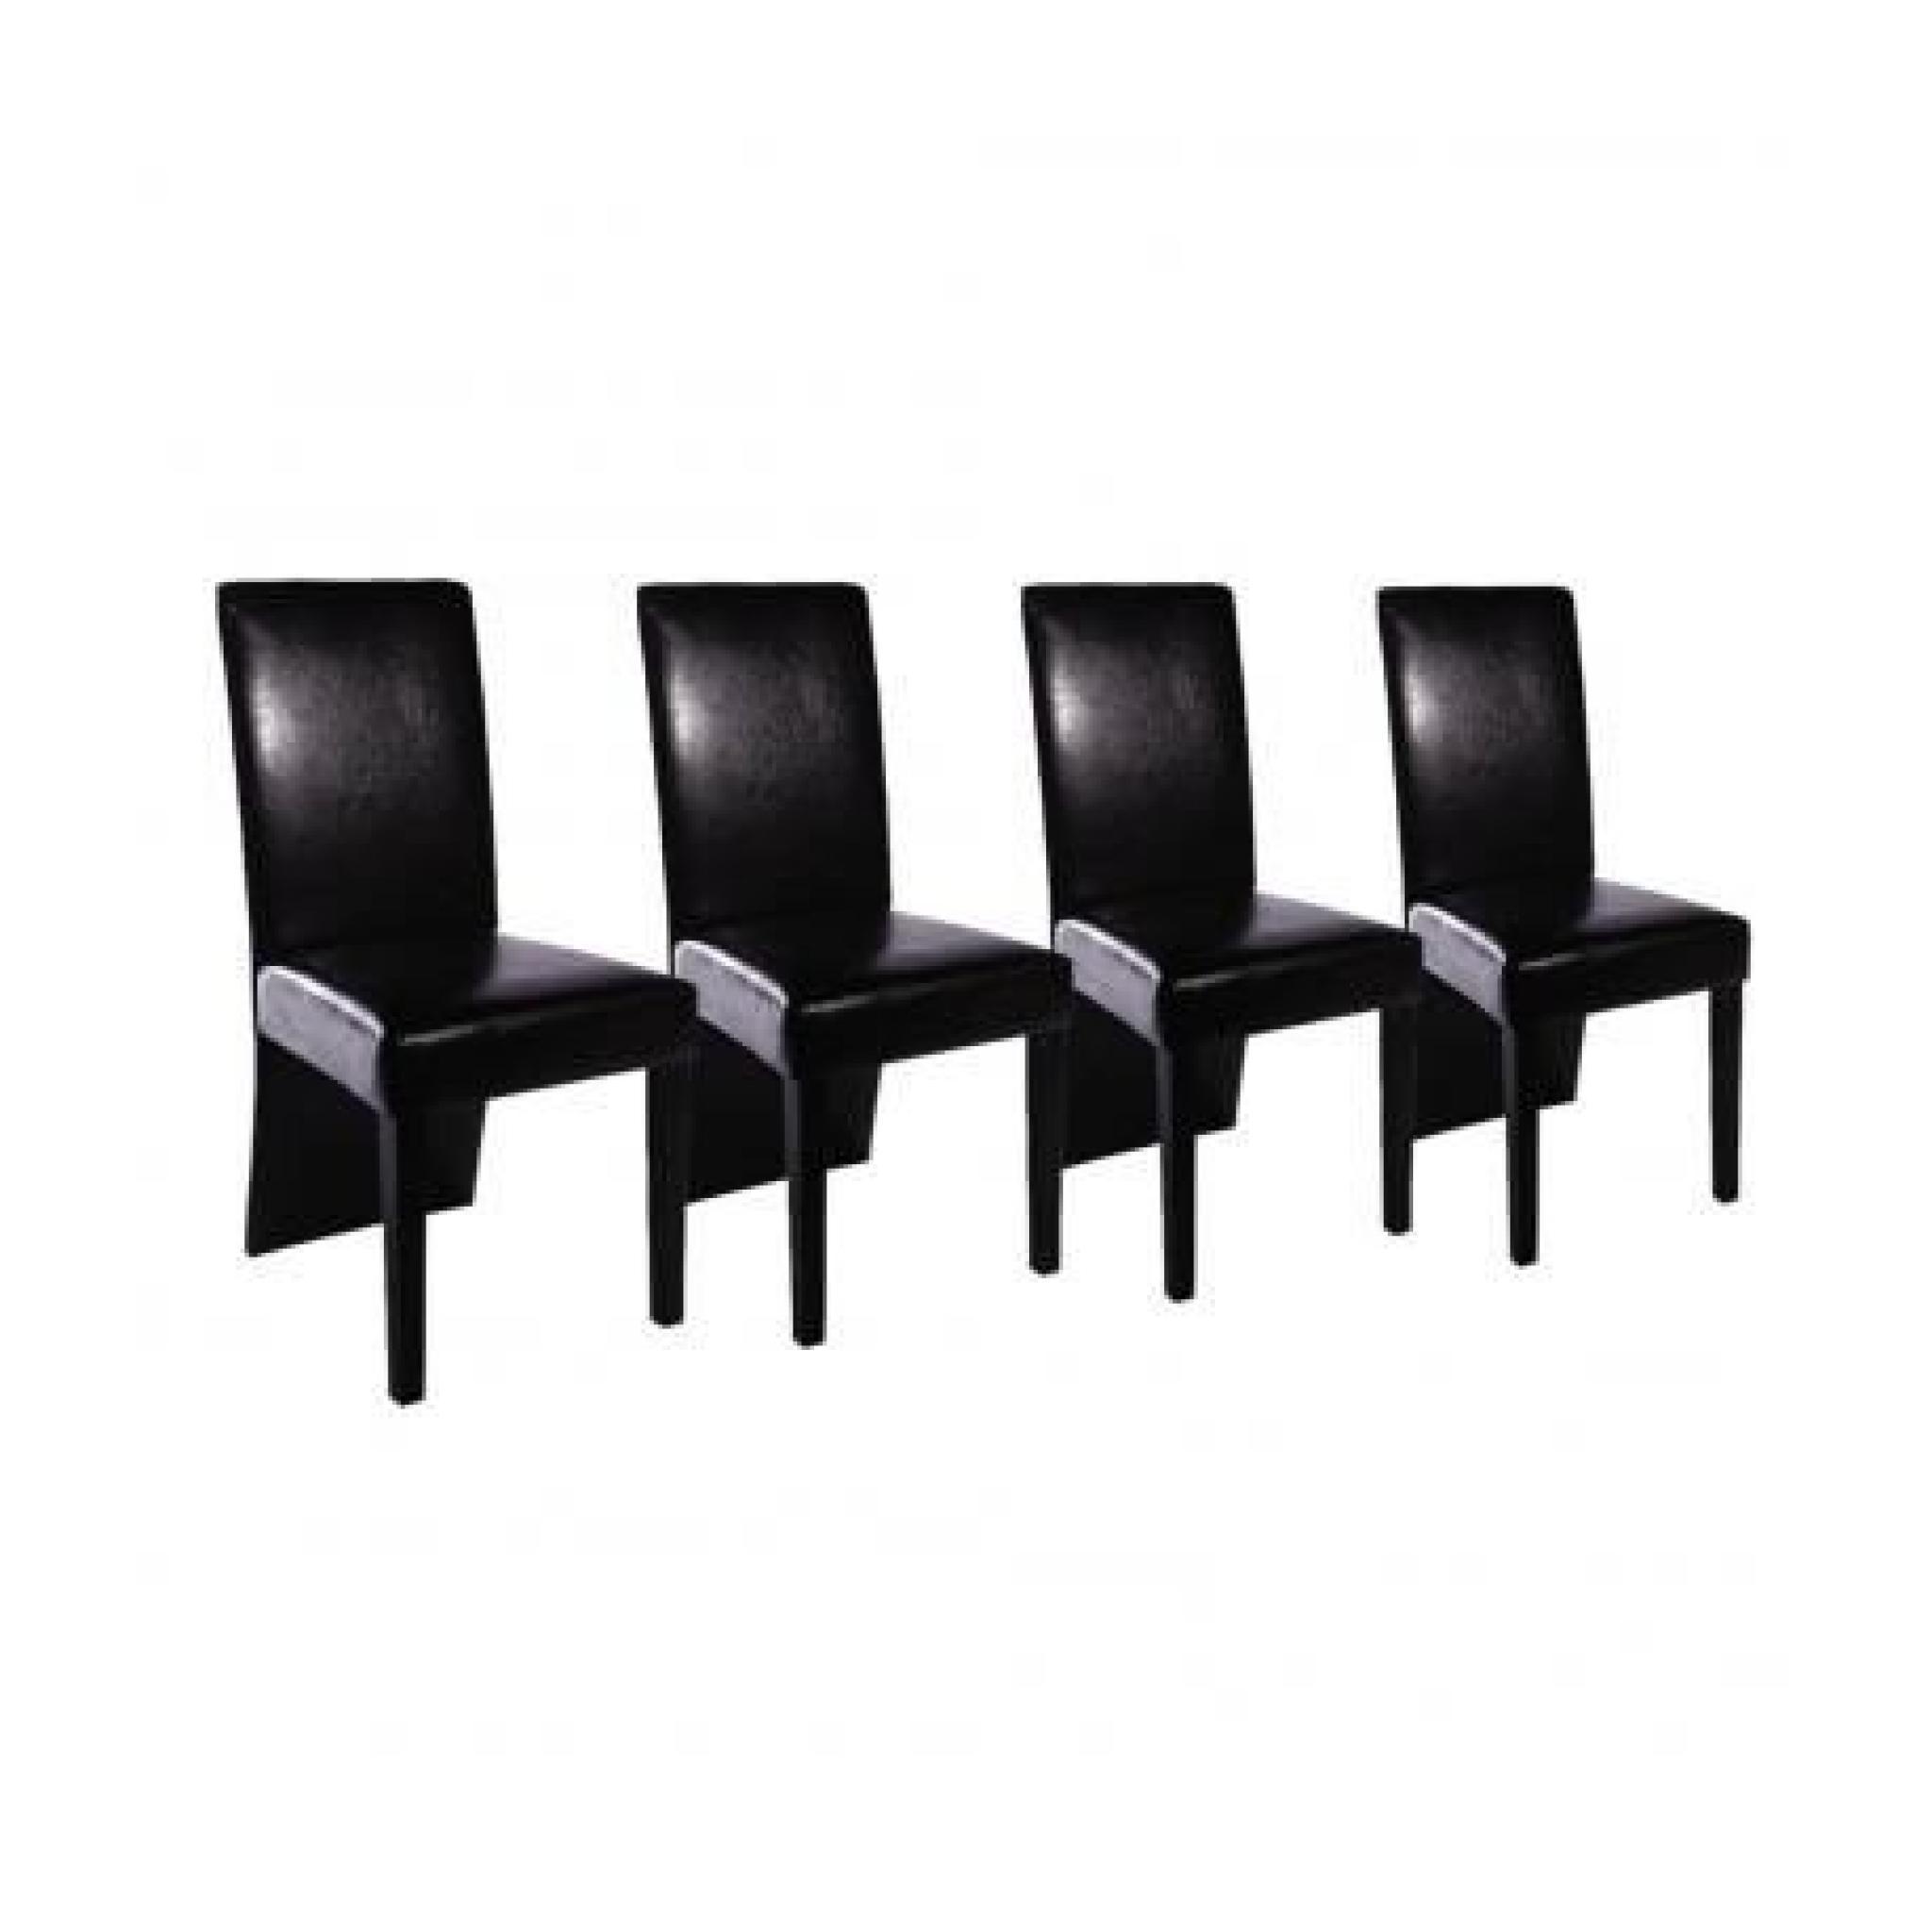 Chaise Design Bois Noir Lot De 4 Pu